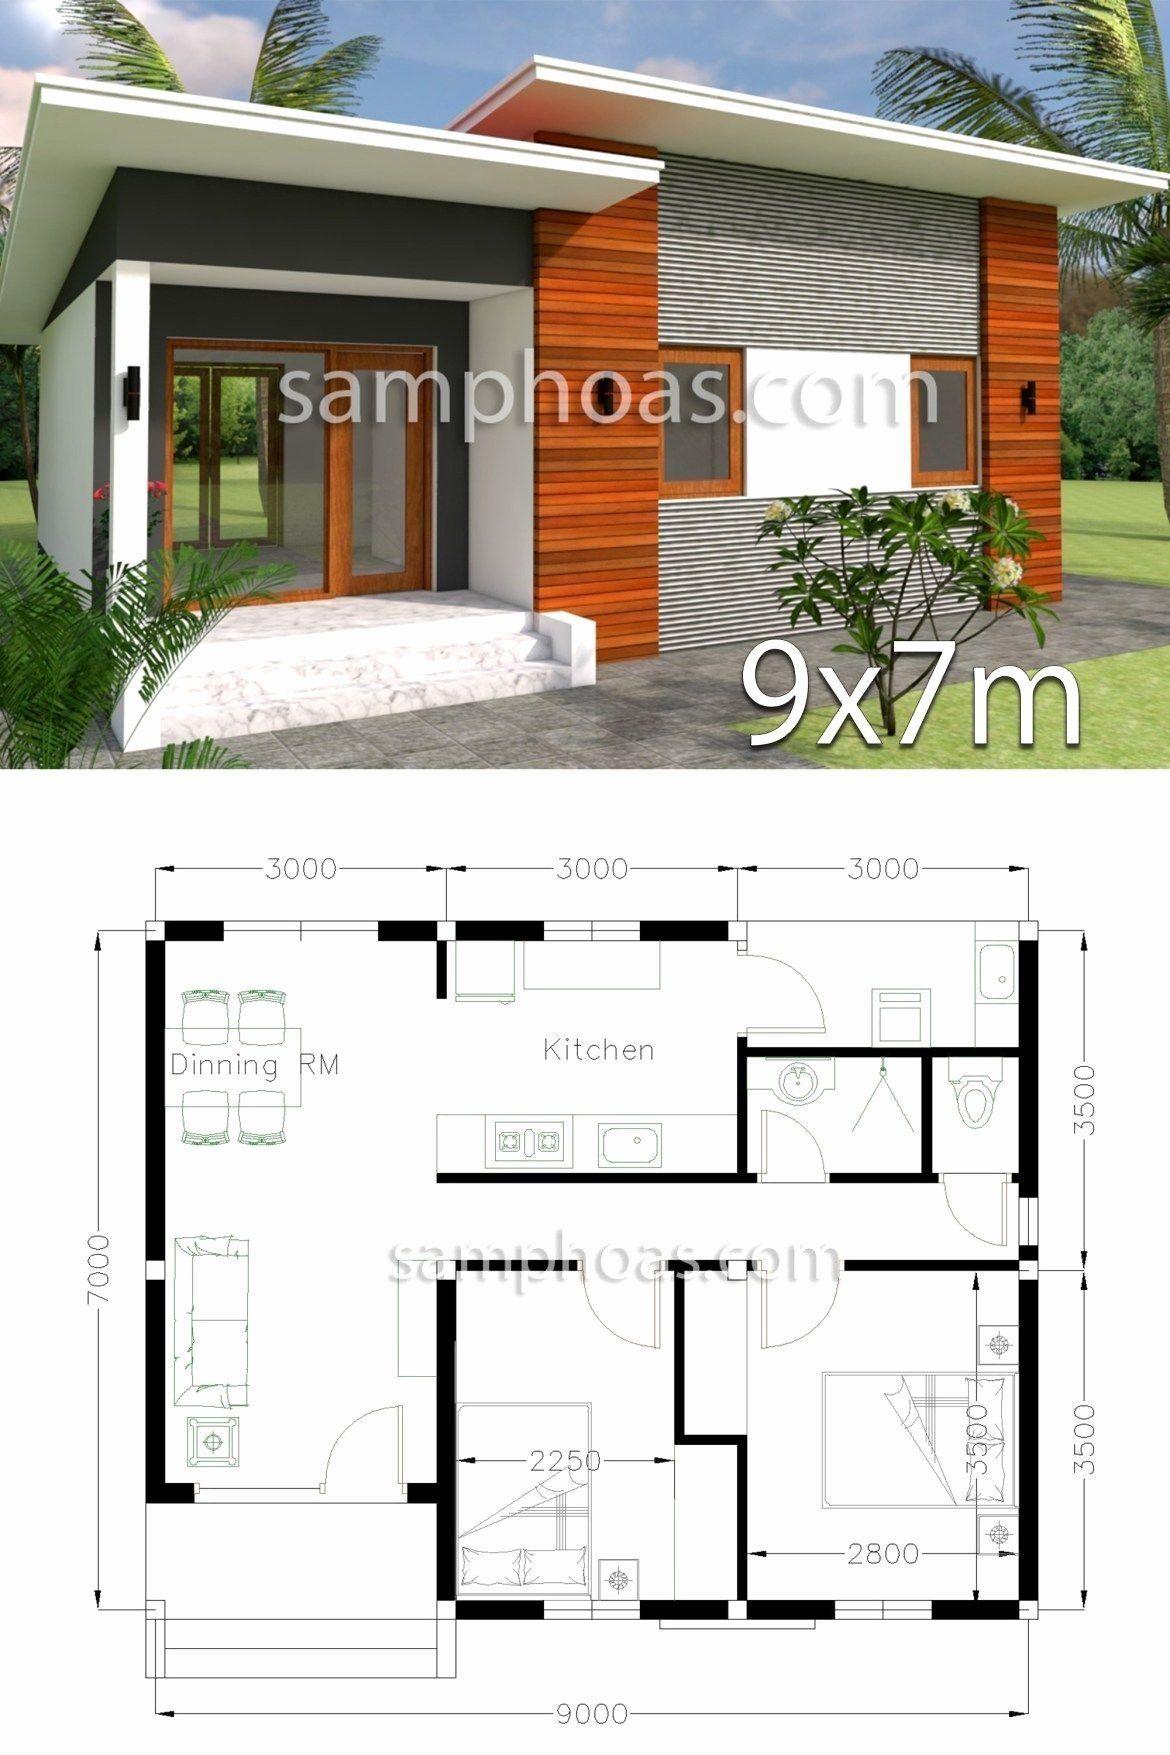 Best 3d Home Design Lovely Plan 3d Home Design 9x7m 2 Bedrooms Samphoas Plan Plan